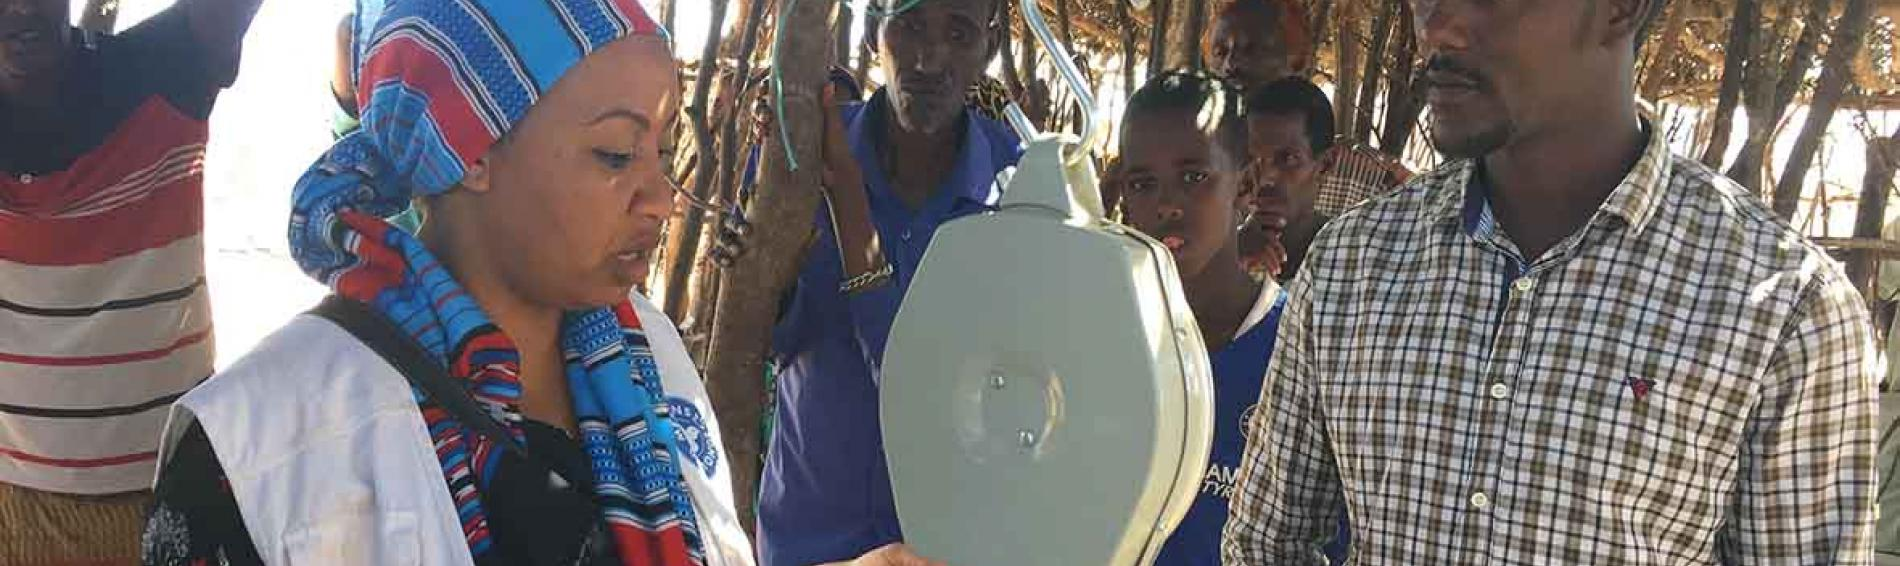 Medizinische Versorgung in Äthiopien. Foto: Ärzte der Welt.